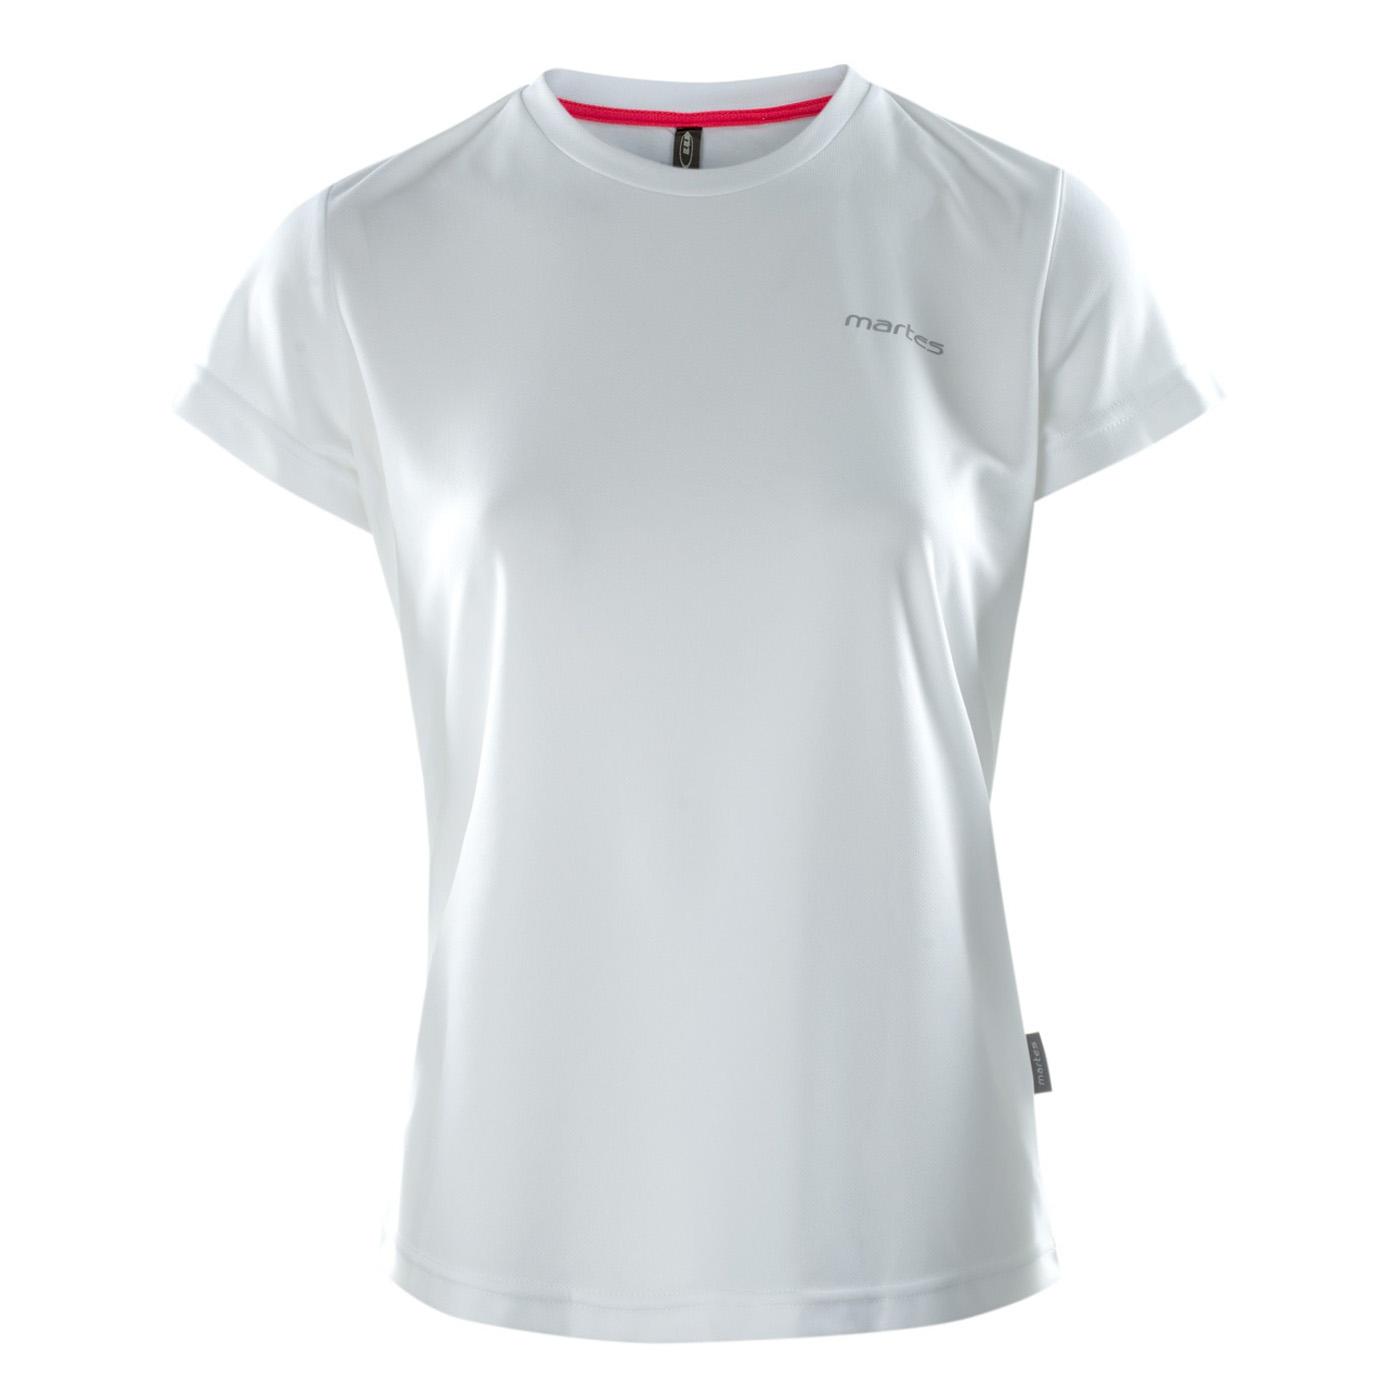 MARTEs Koszulka damska Lady Solan Martes - Biały